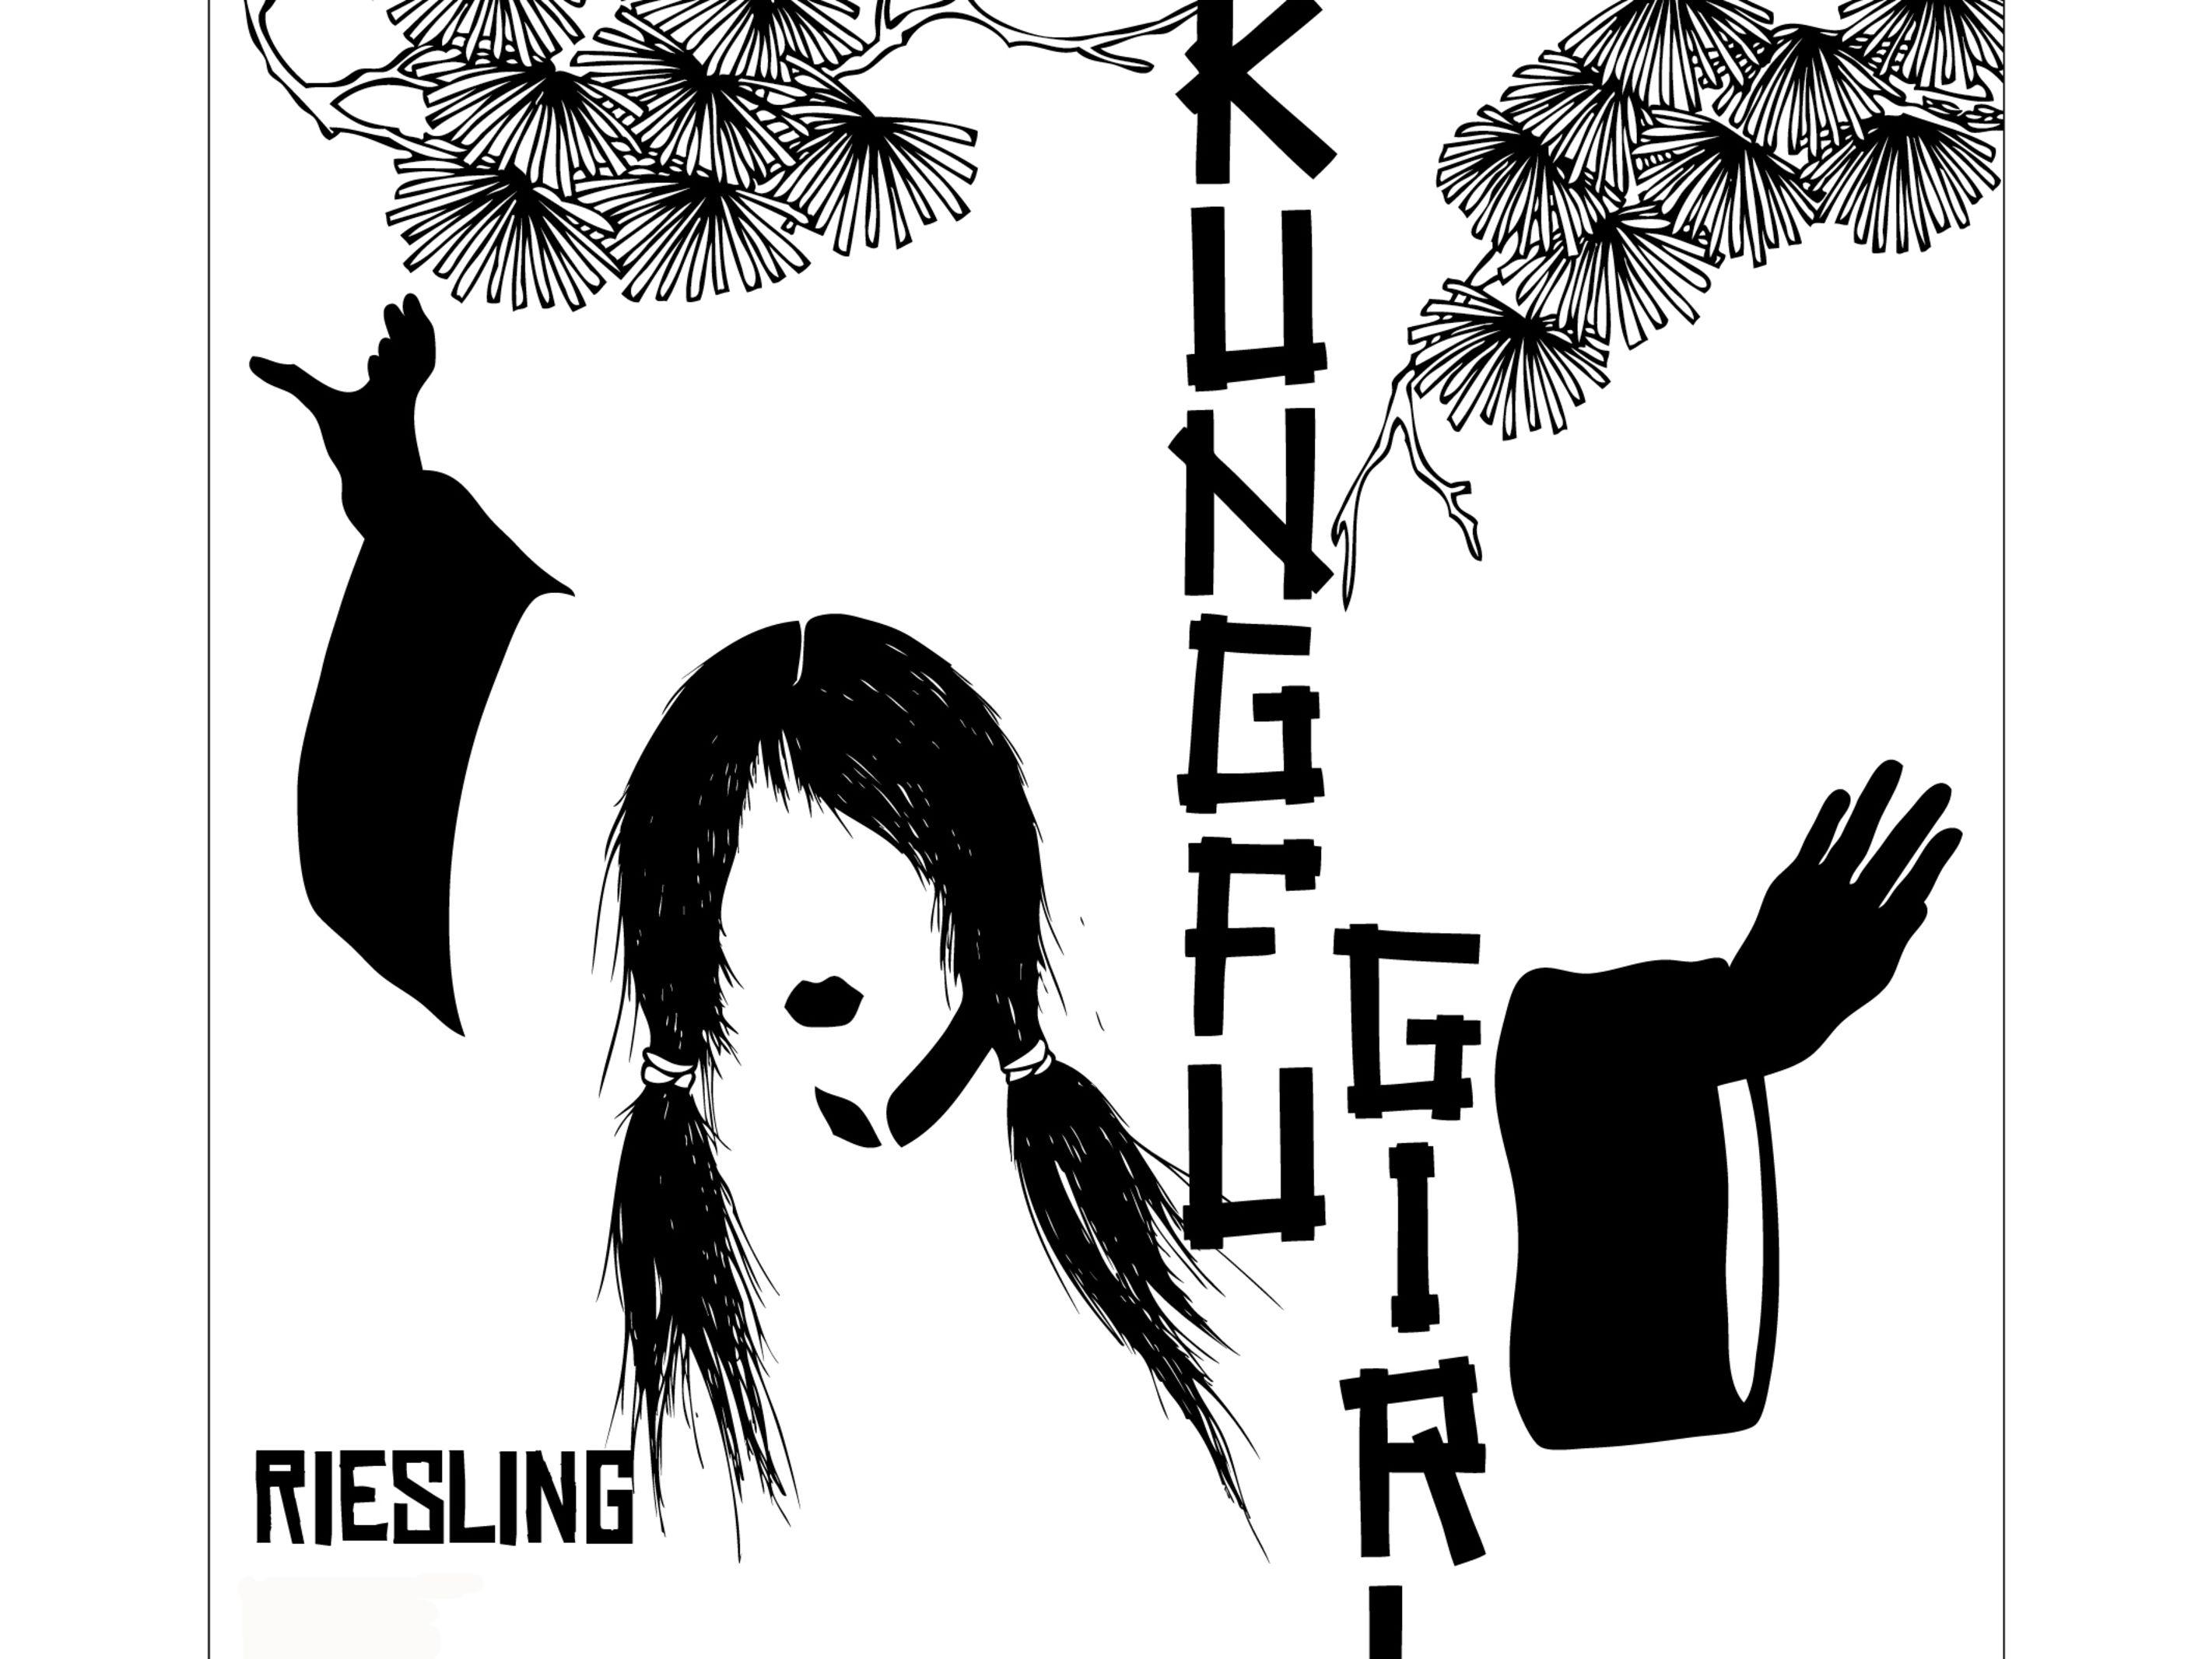 Kung fu girl riesling ezaccd